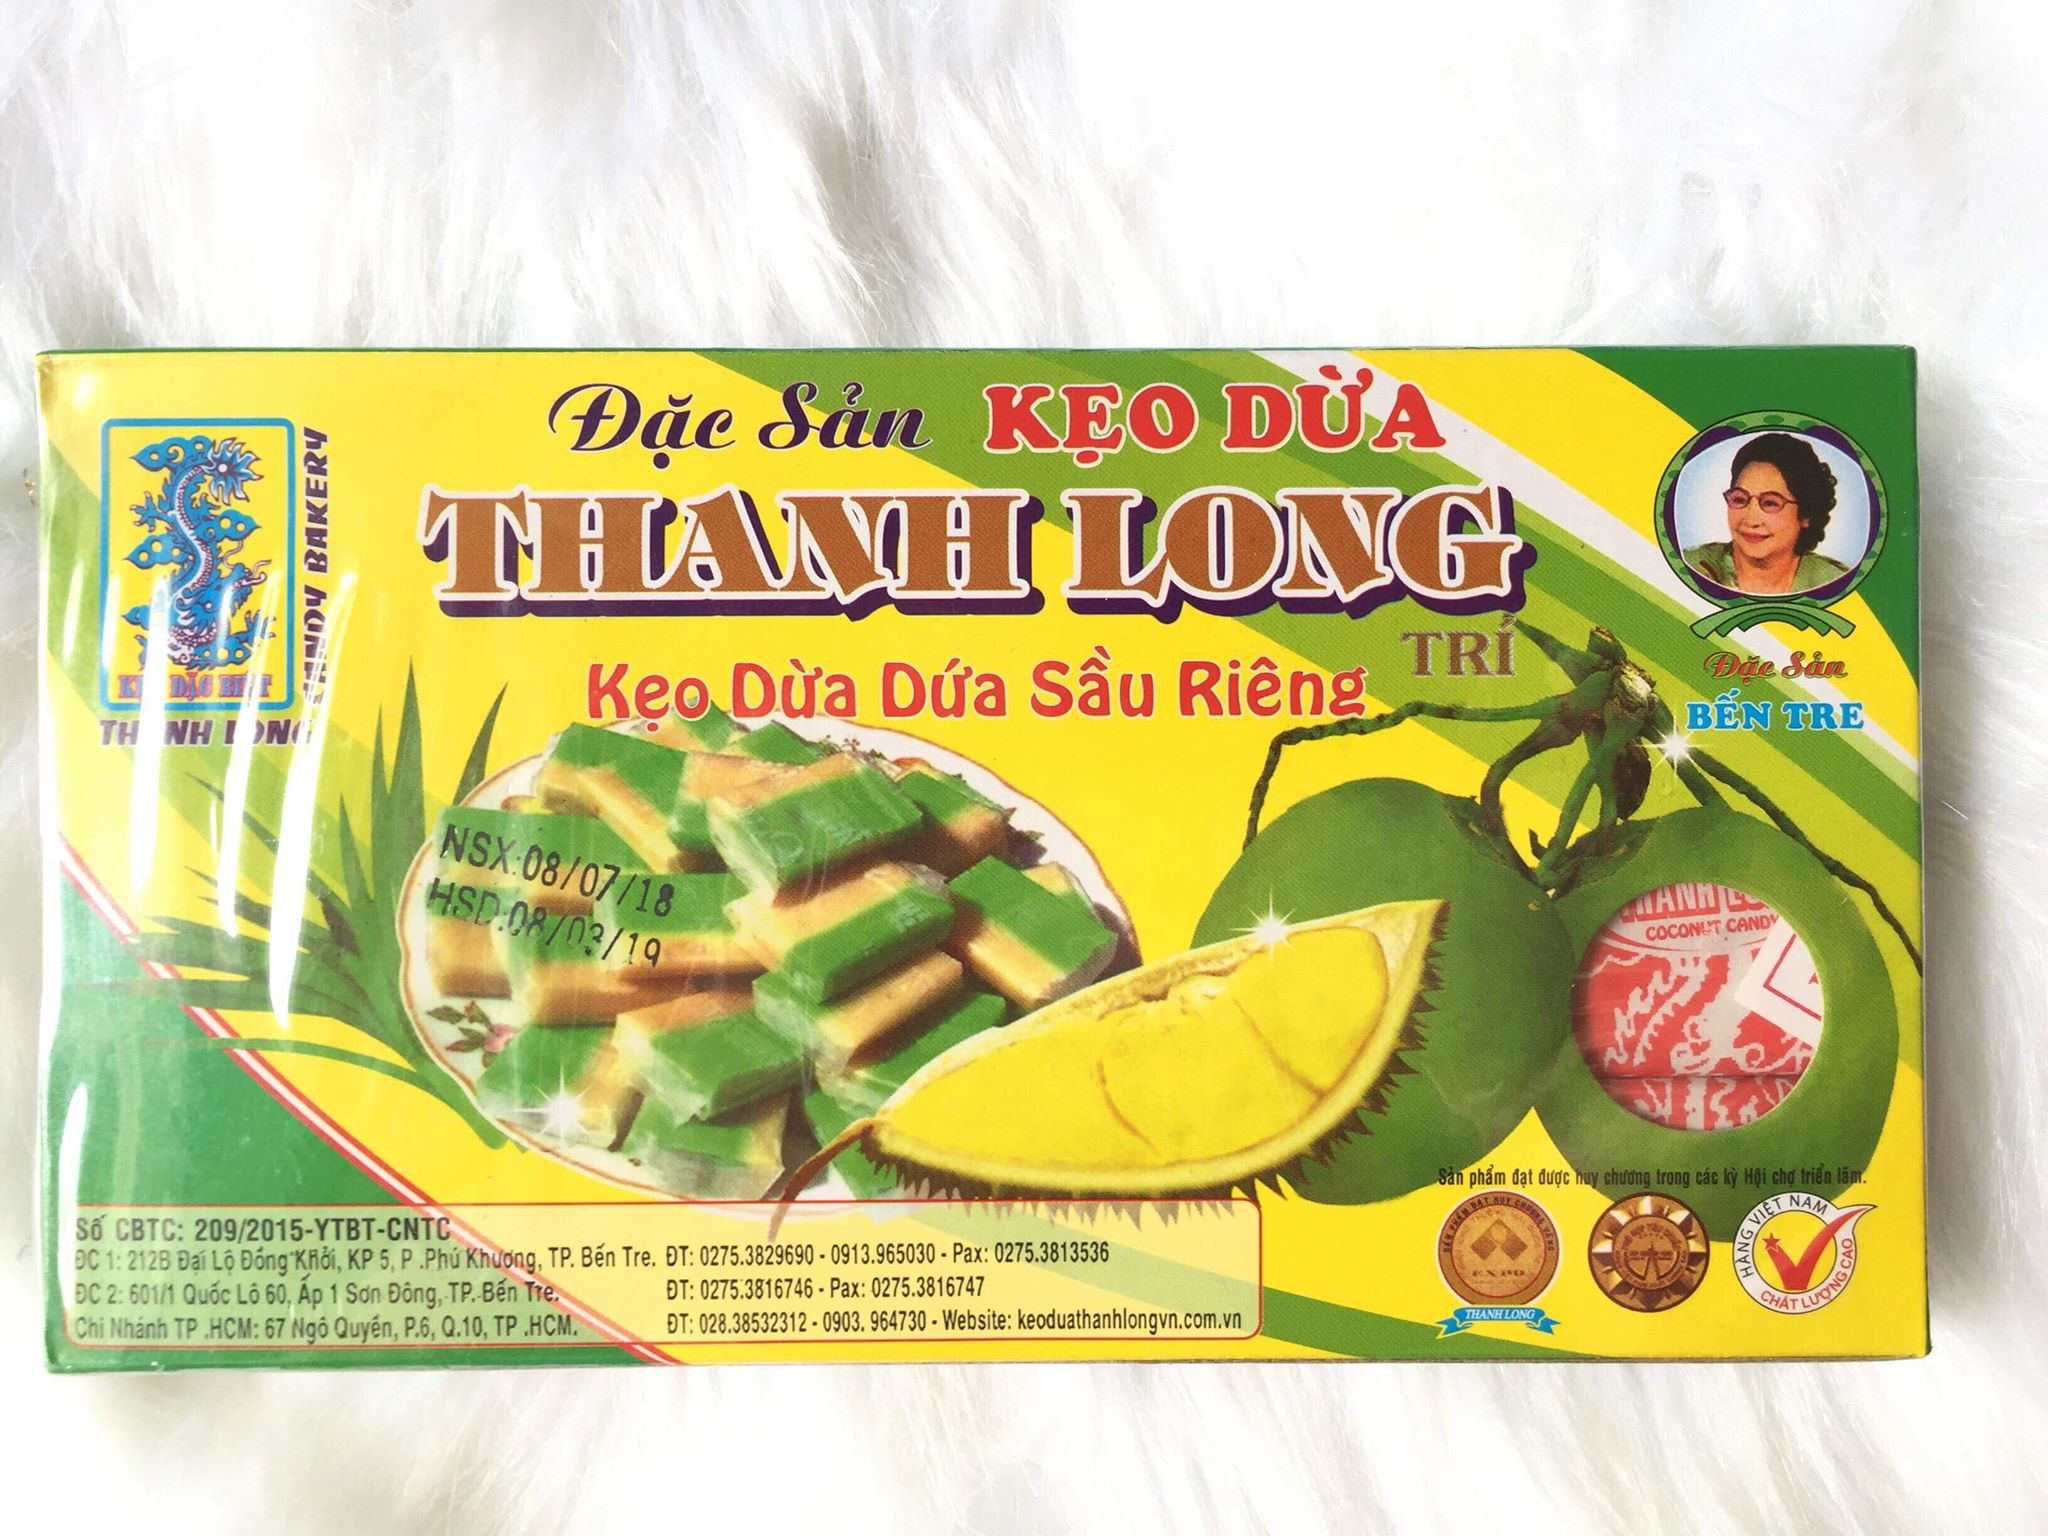 Kẹo dừa bến tre sầu riêng lá dứa